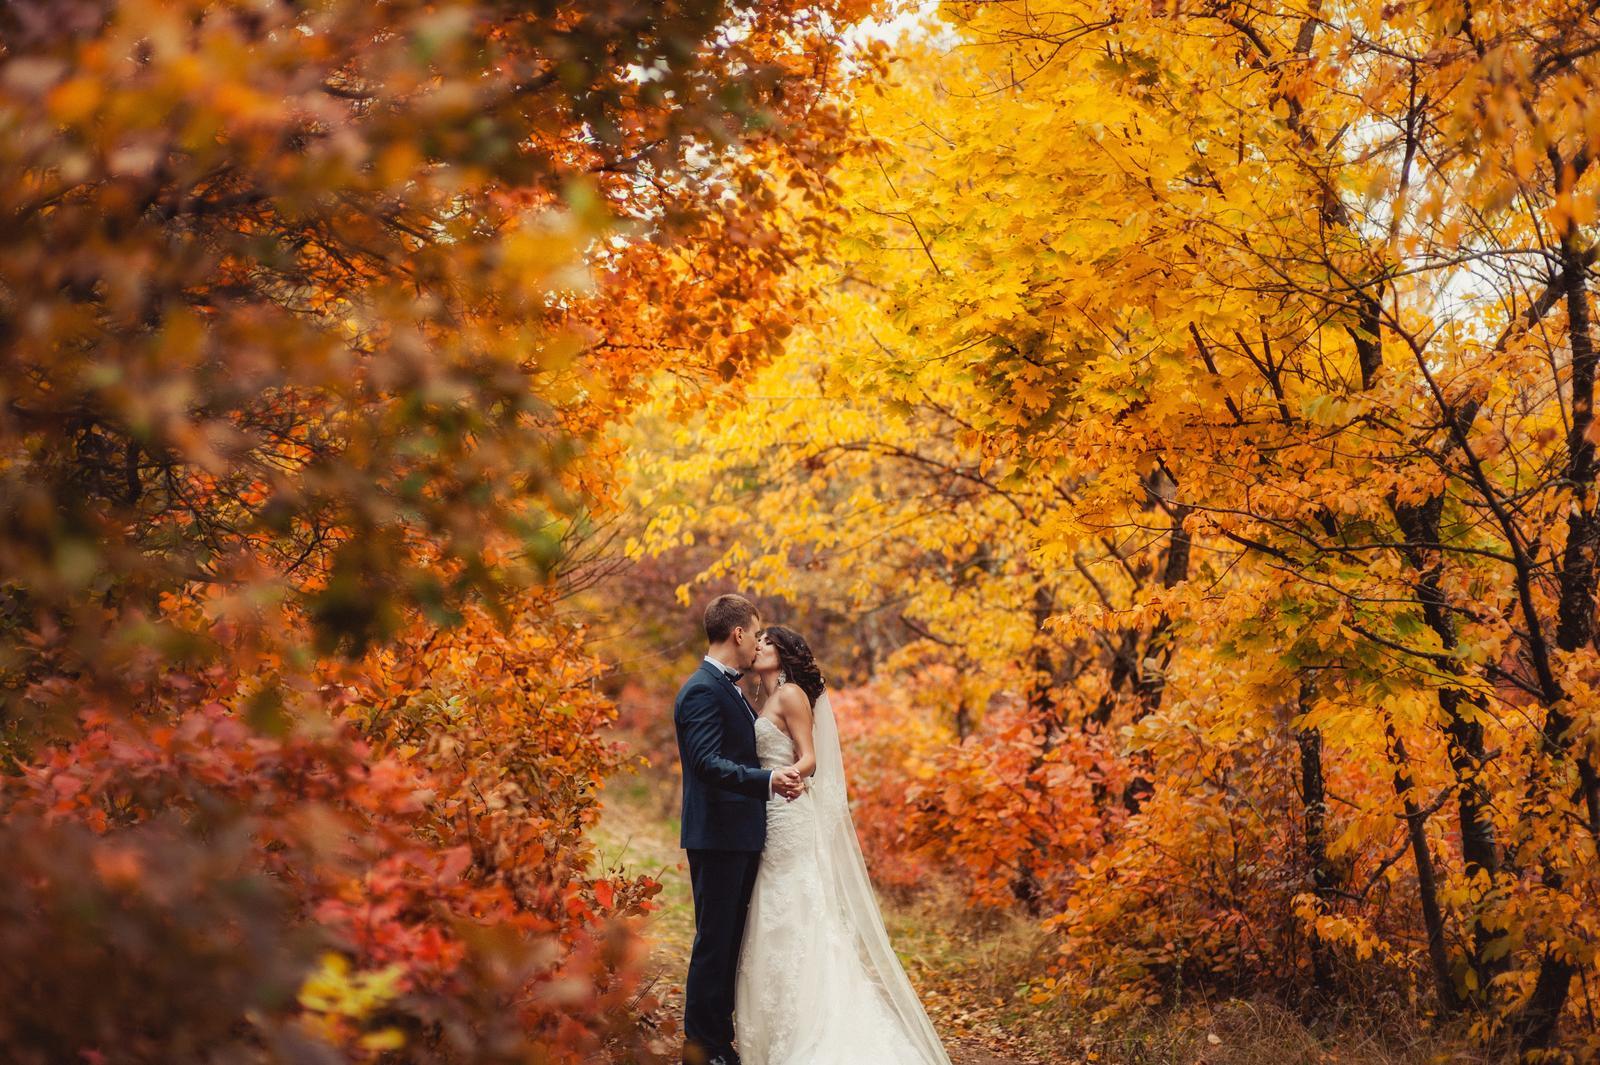 Svadba na jeseň - Obrázok č. 11